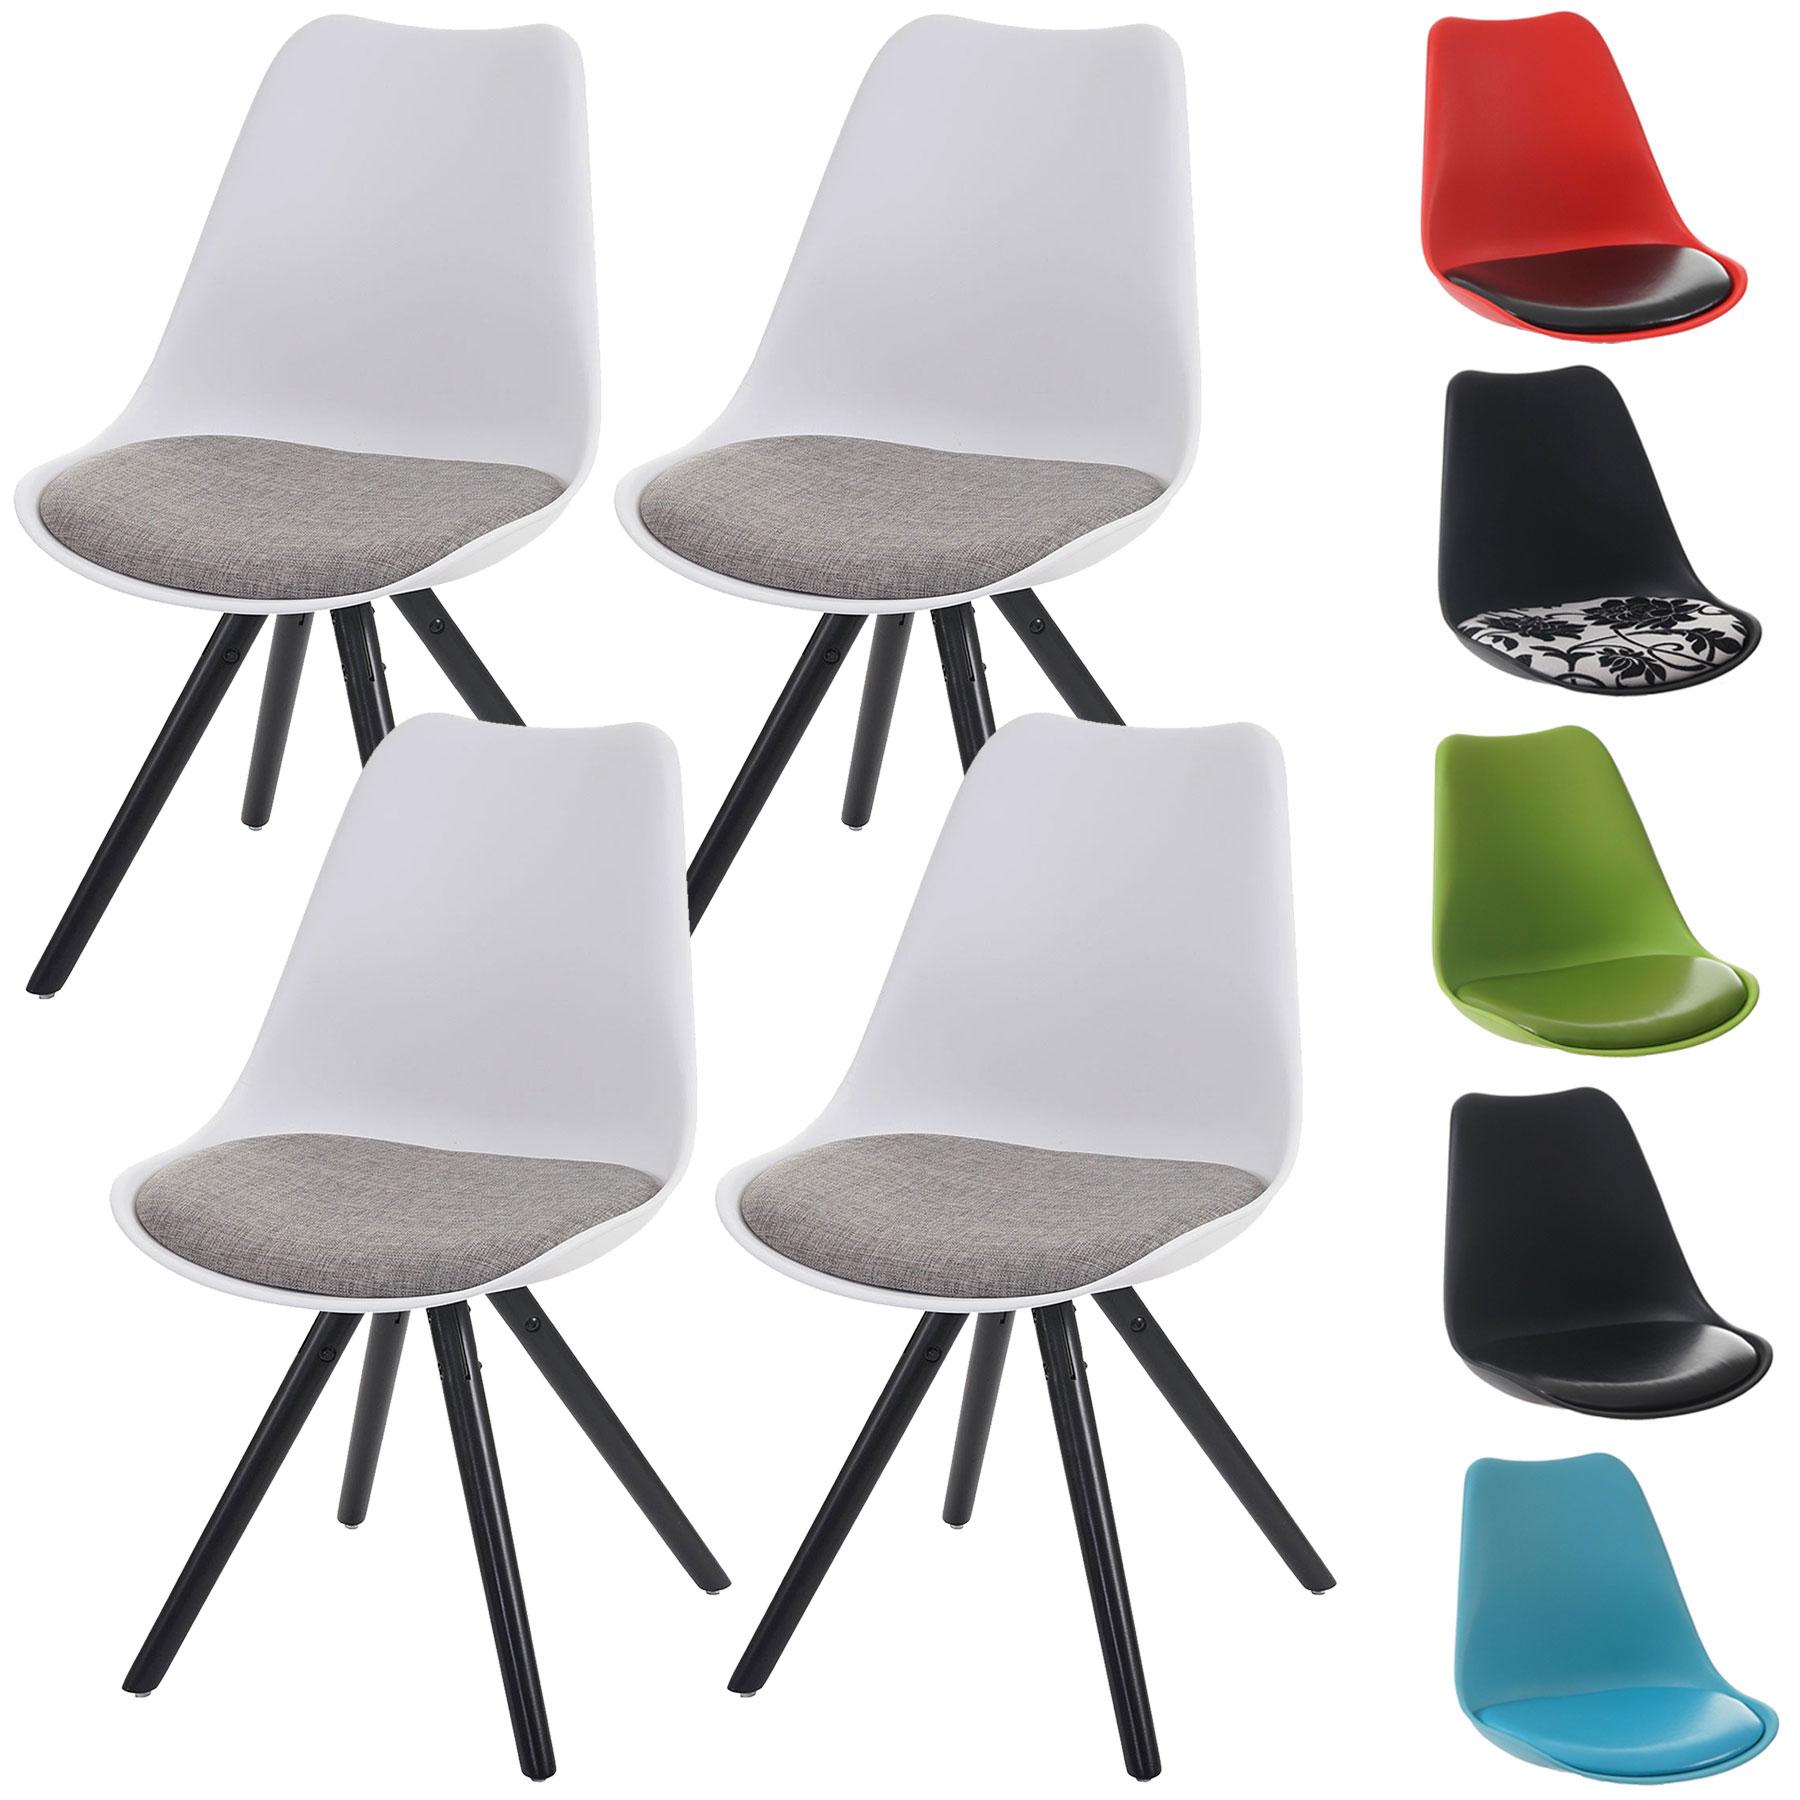 4x esszimmerstuhl malm t501 stuhl lehnstuhl retro 50er for Design esszimmerstuhl